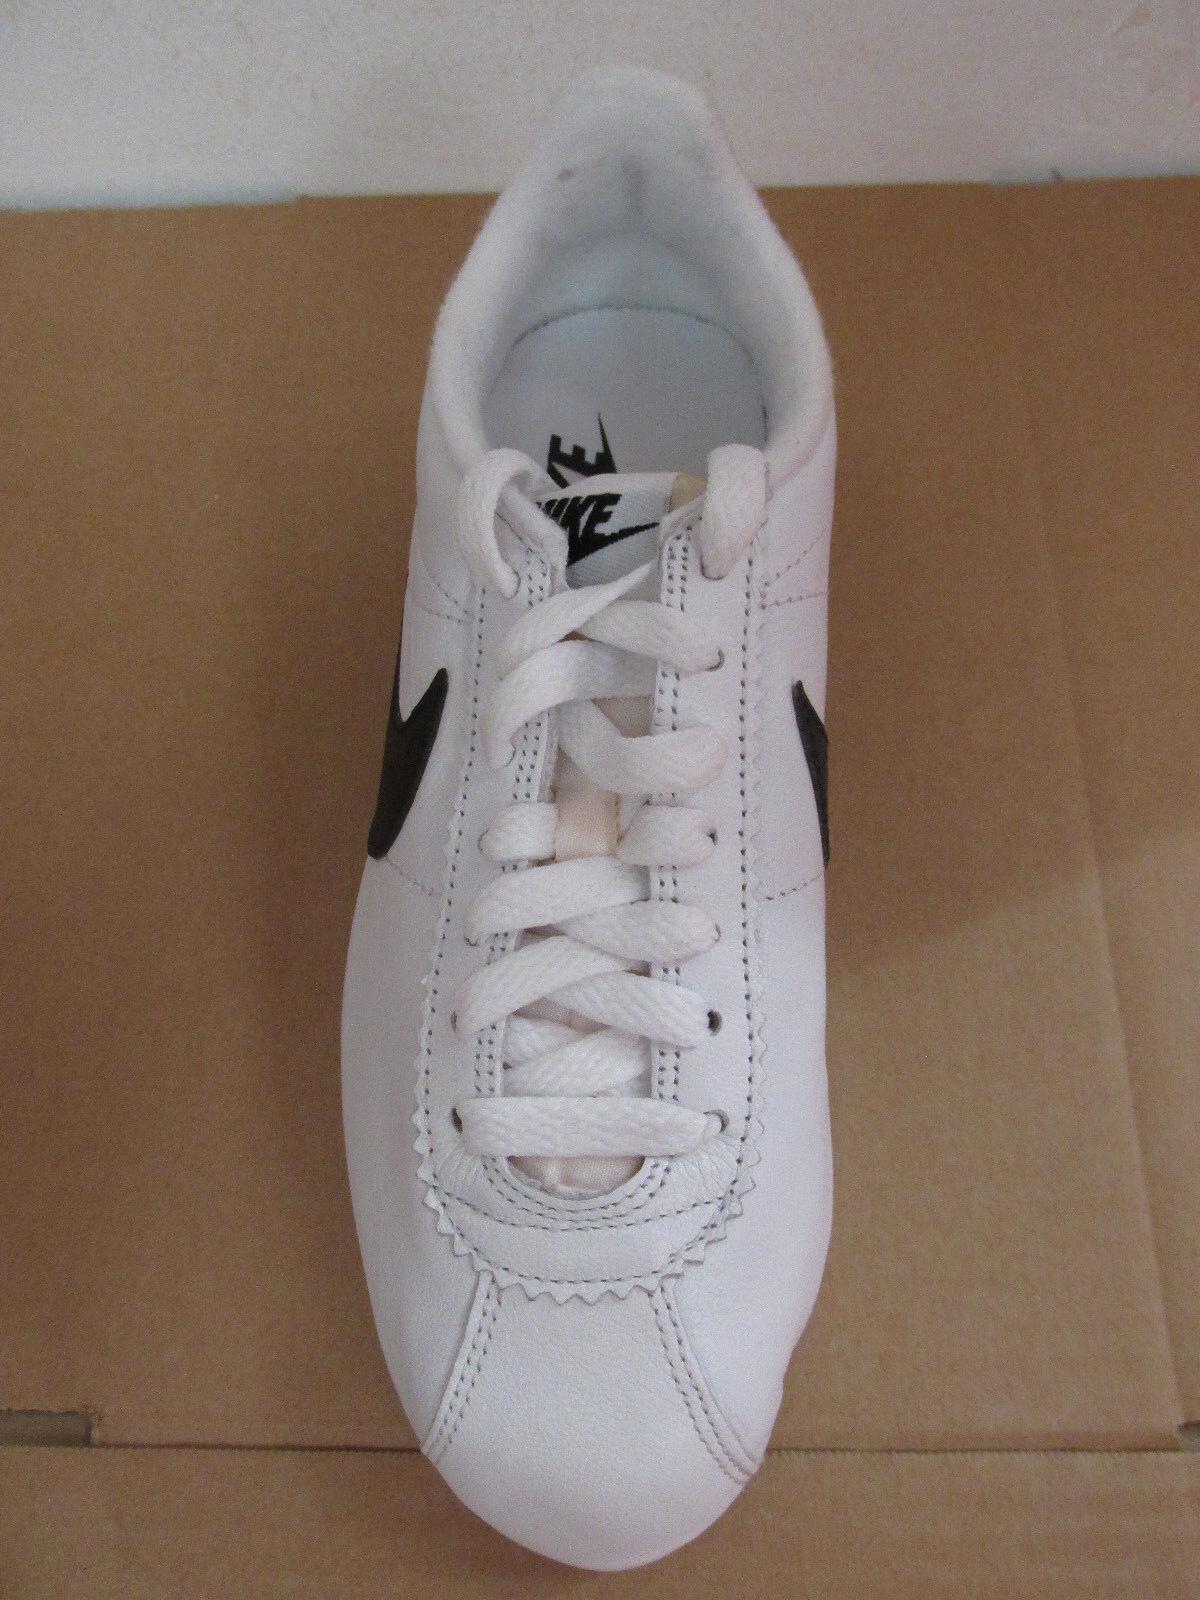 Nike Klassisch Cortez Kinderwagen Herren Sneakers Turnschuhe 807480 101 Sneakers Herren 1dc010